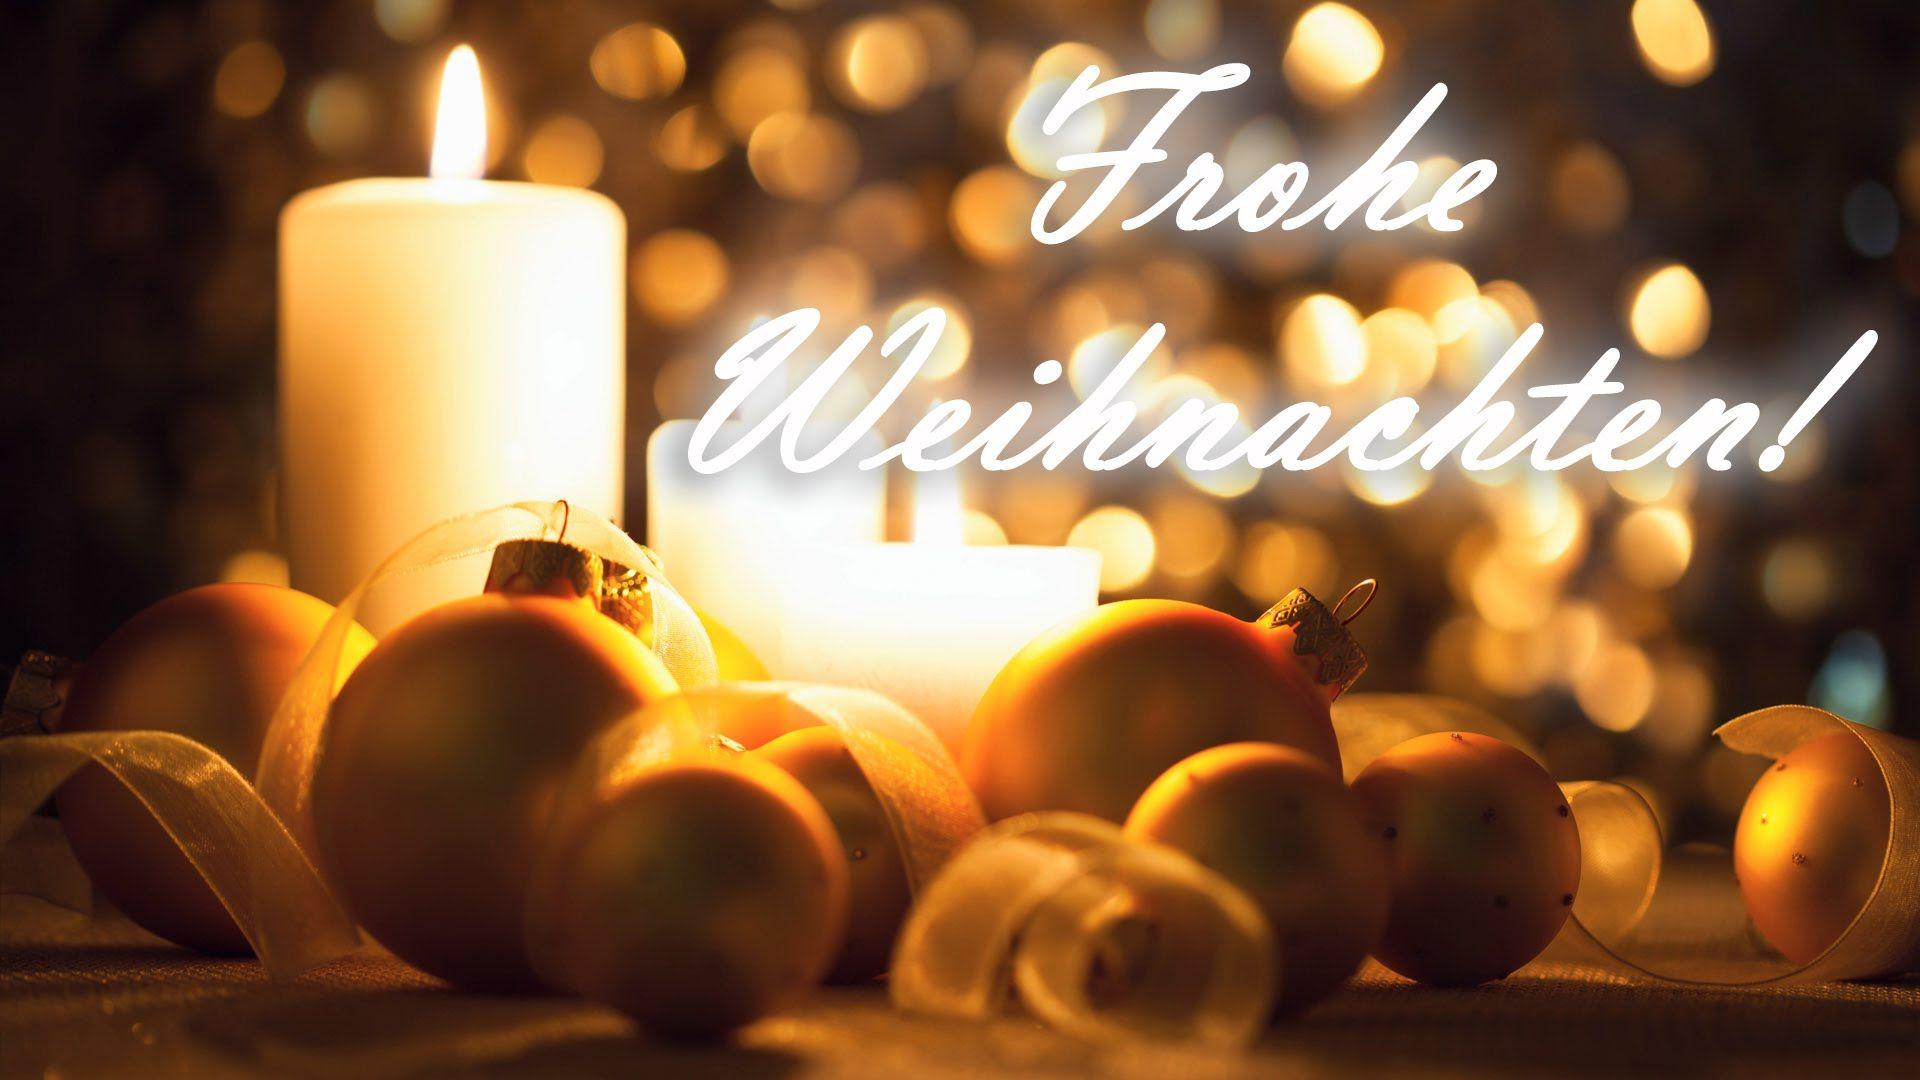 Weihnachtsmusik ❄ Instrumentalmusik Weihnachten Musik ...